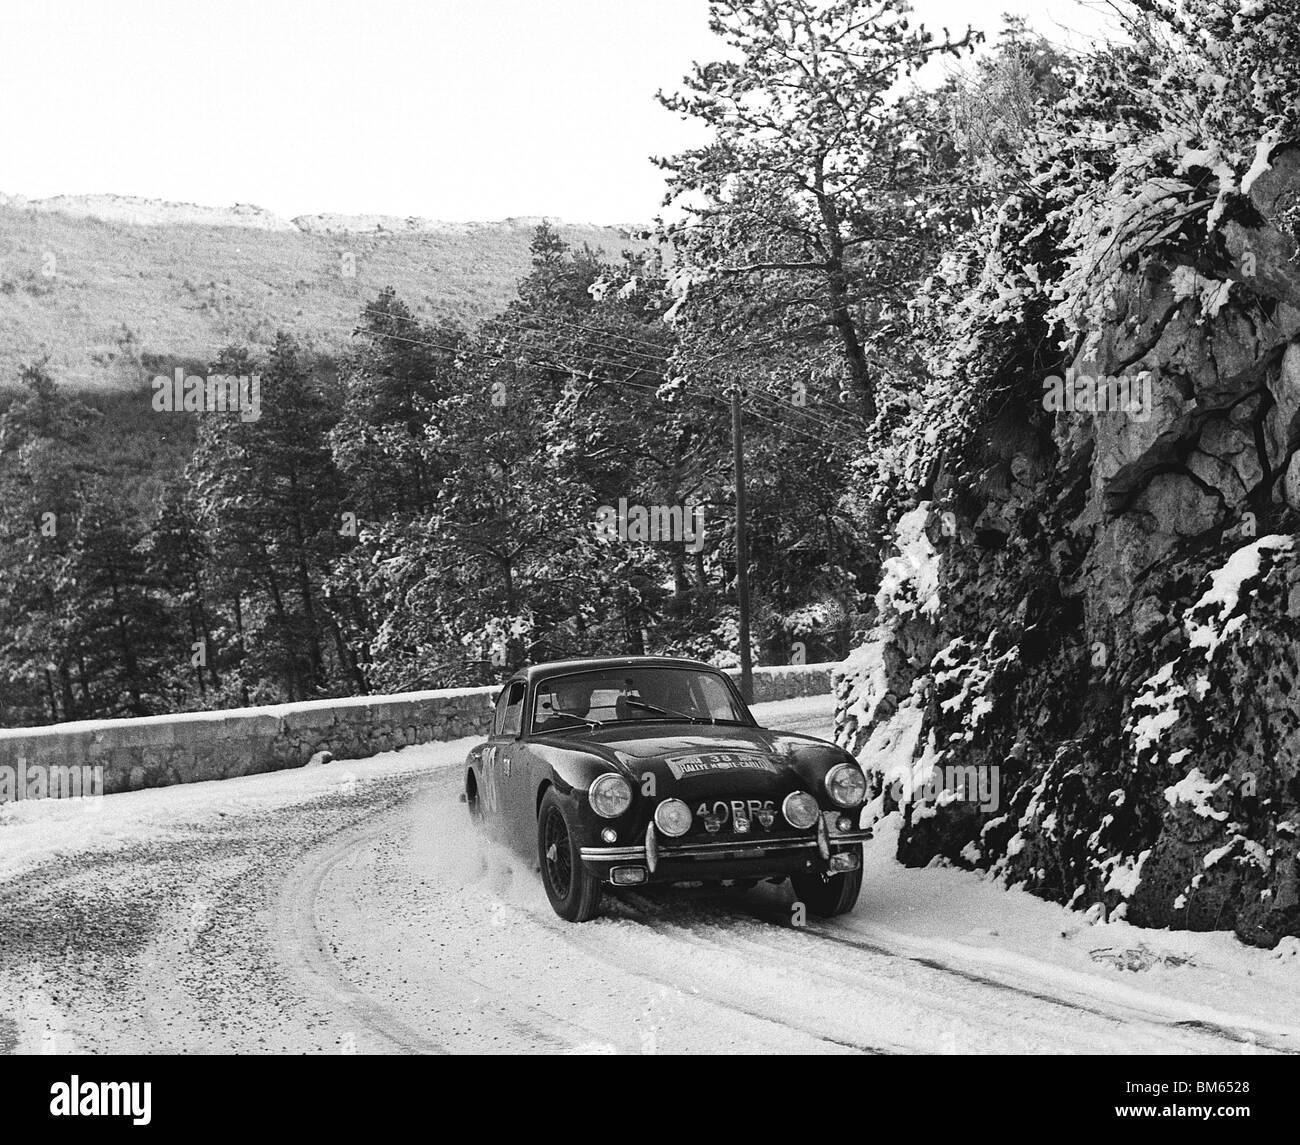 AC Aceca impulsado por T. Clarke en el rally de Monte Carlo de 1958 Imagen De Stock